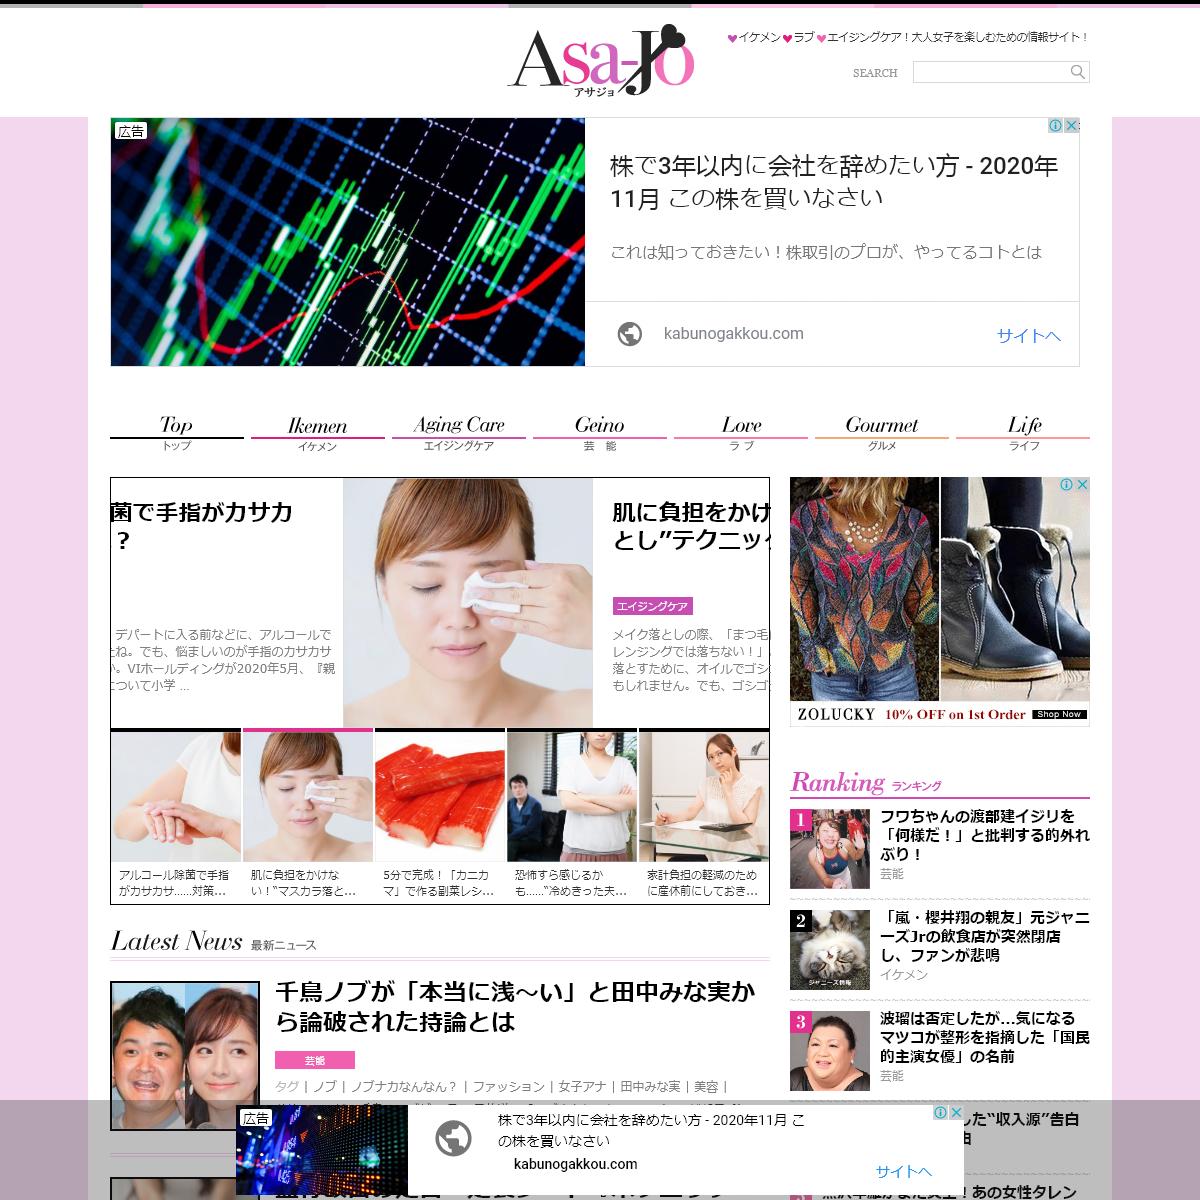 アサジョ – イケメン・ラブ・エイジングケア!大人女子を楽しむための情報サイト!